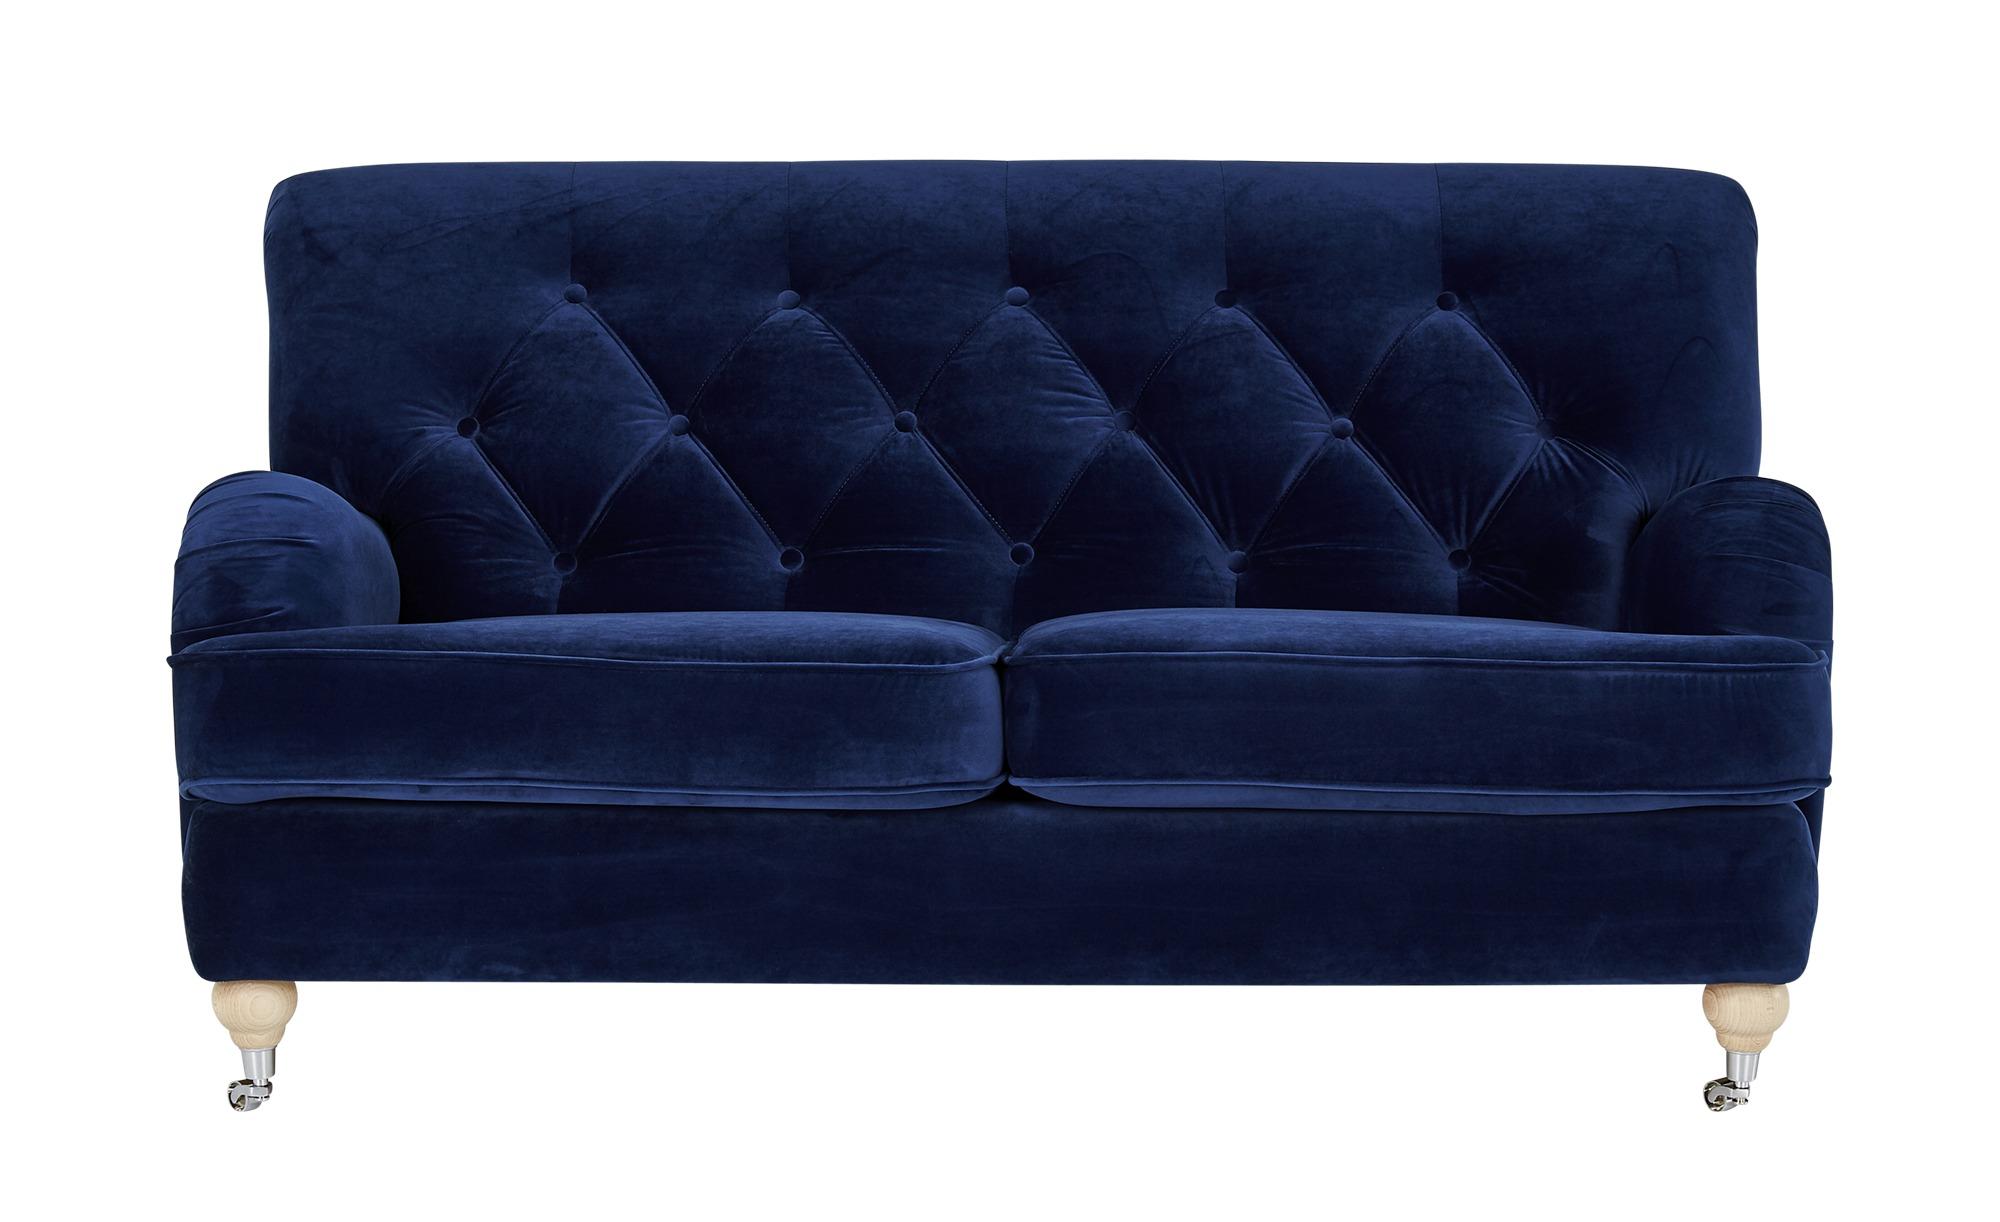 finya Sofa Samt Silva ¦ blau ¦ Maße (cm): B: 162 H: 87 T: 104 Polstermöbel > Sofas > 2-Sitzer - Höffner